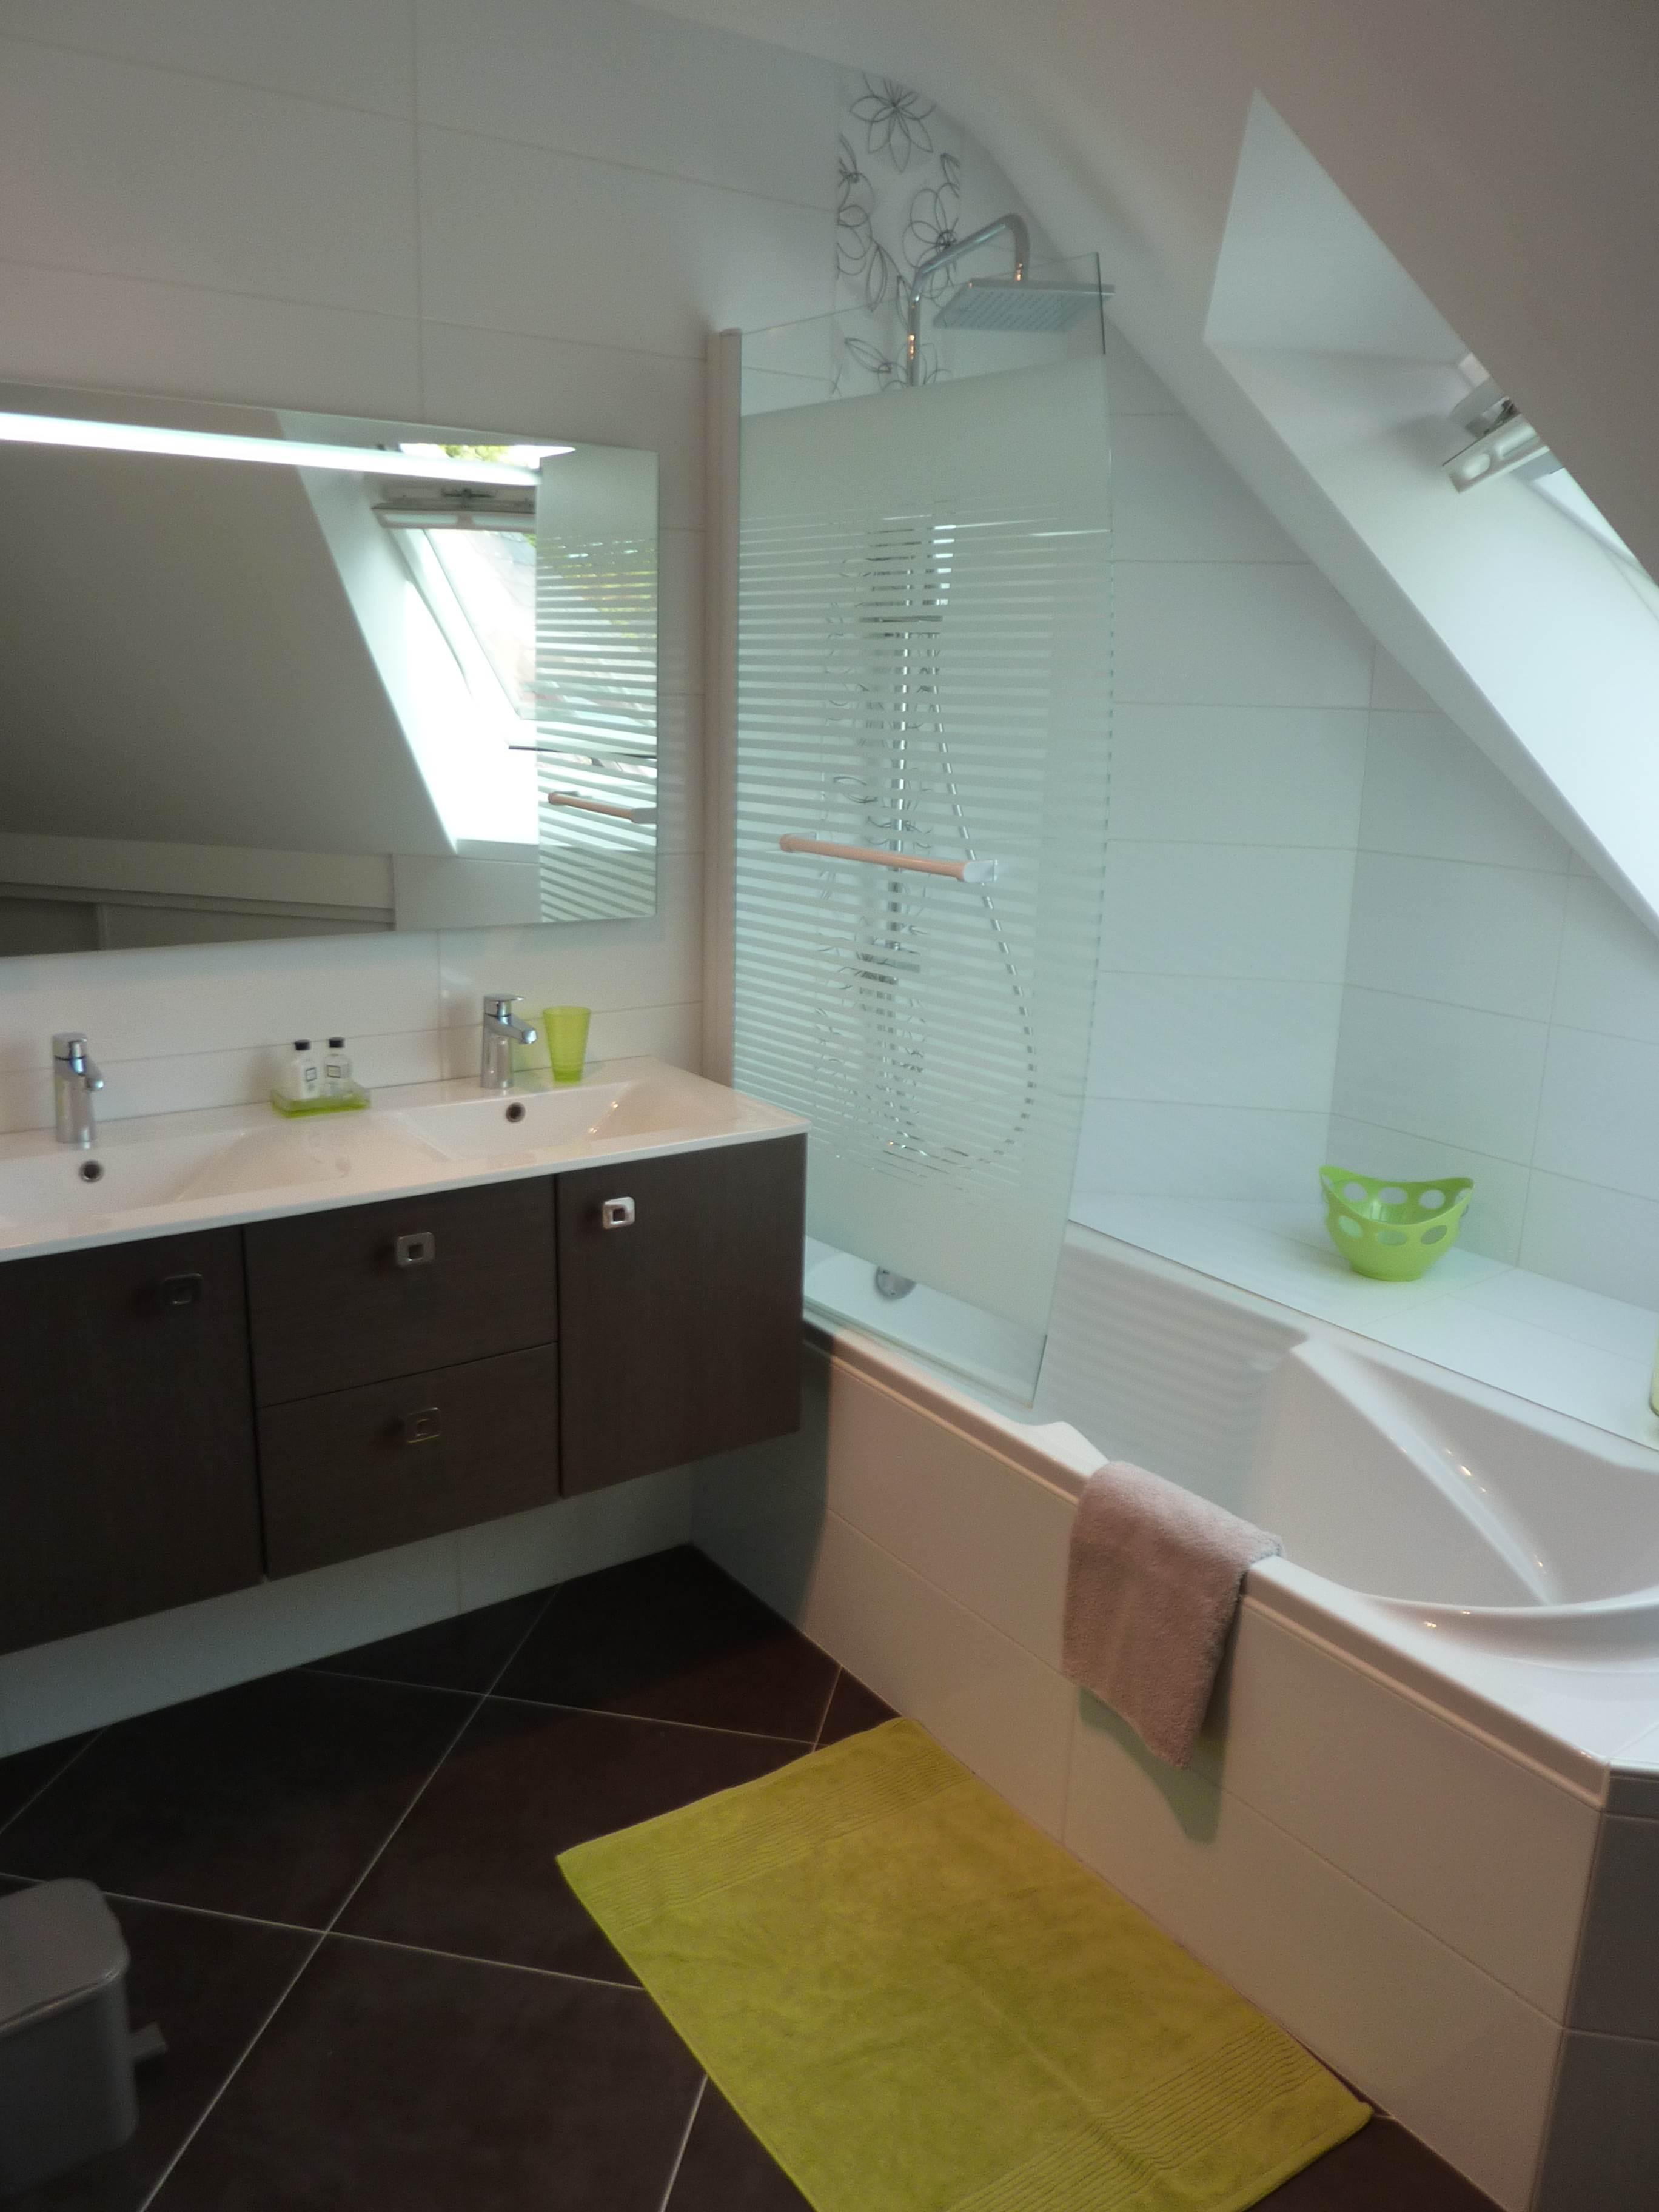 Salle de bains  -Anis-